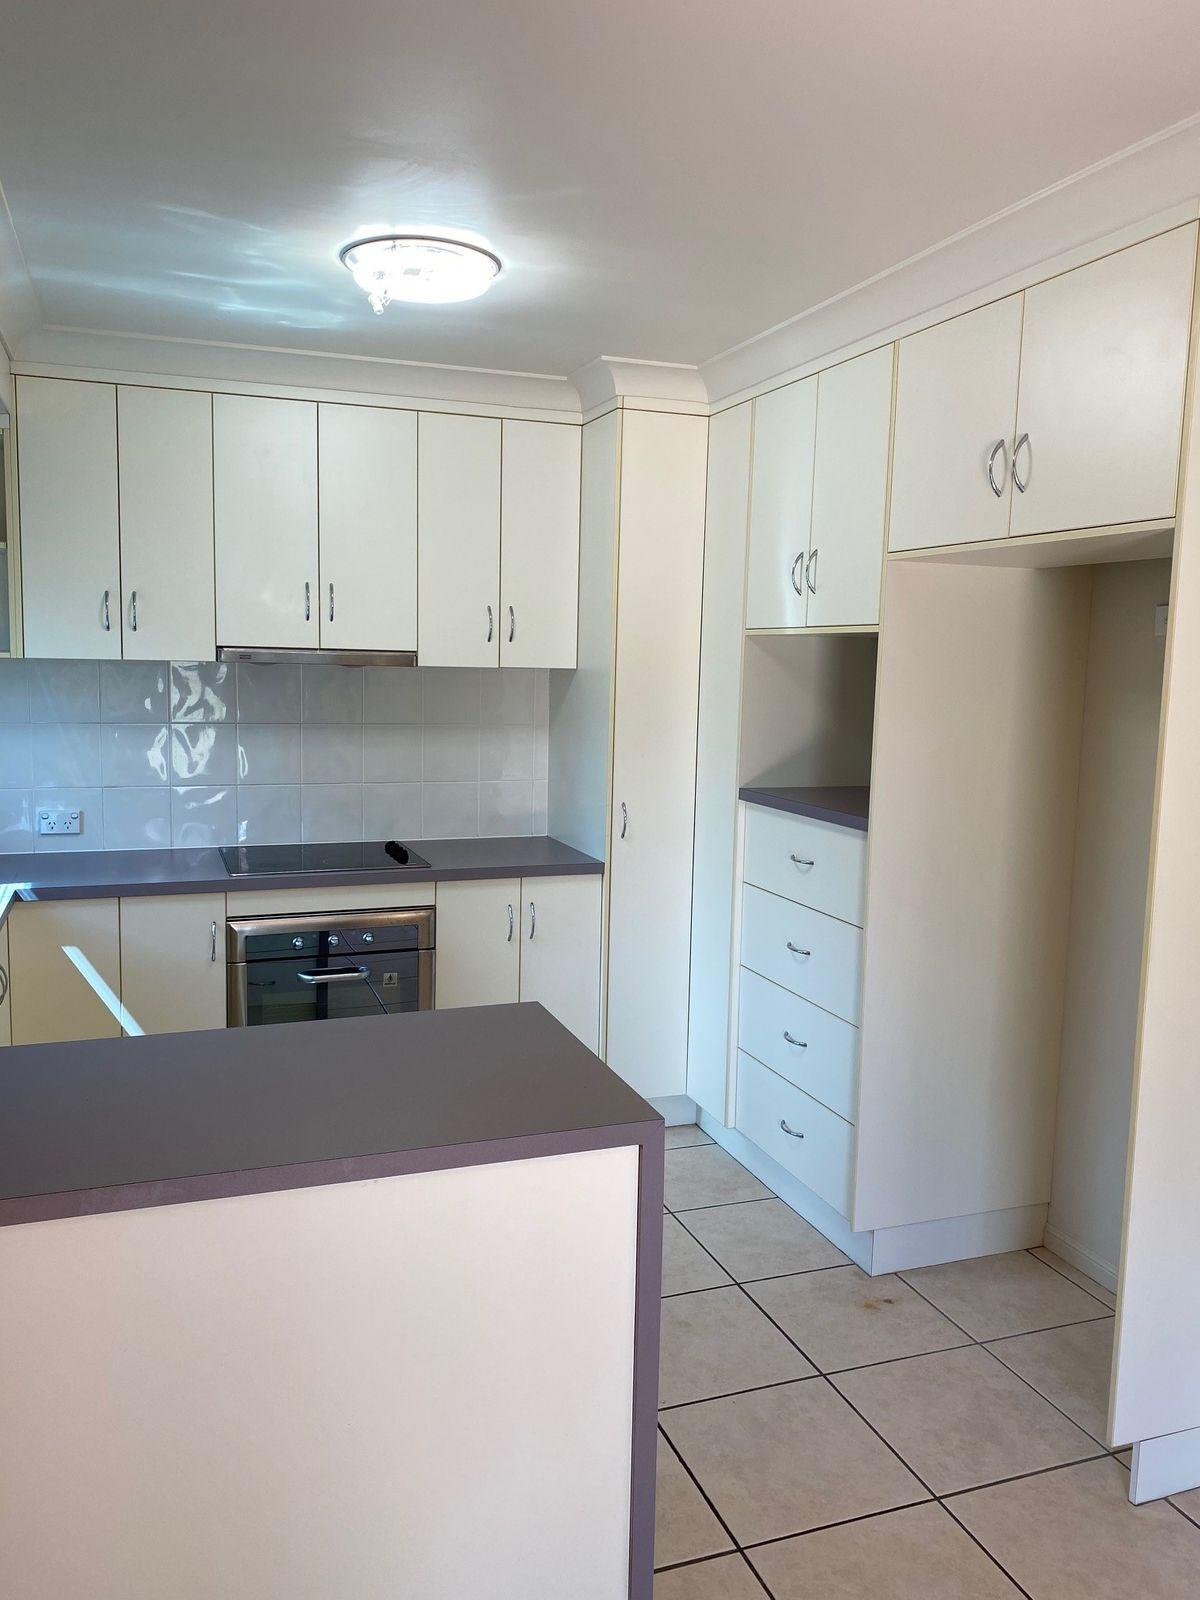 4/5 East Street, Sarina, QLD 4737